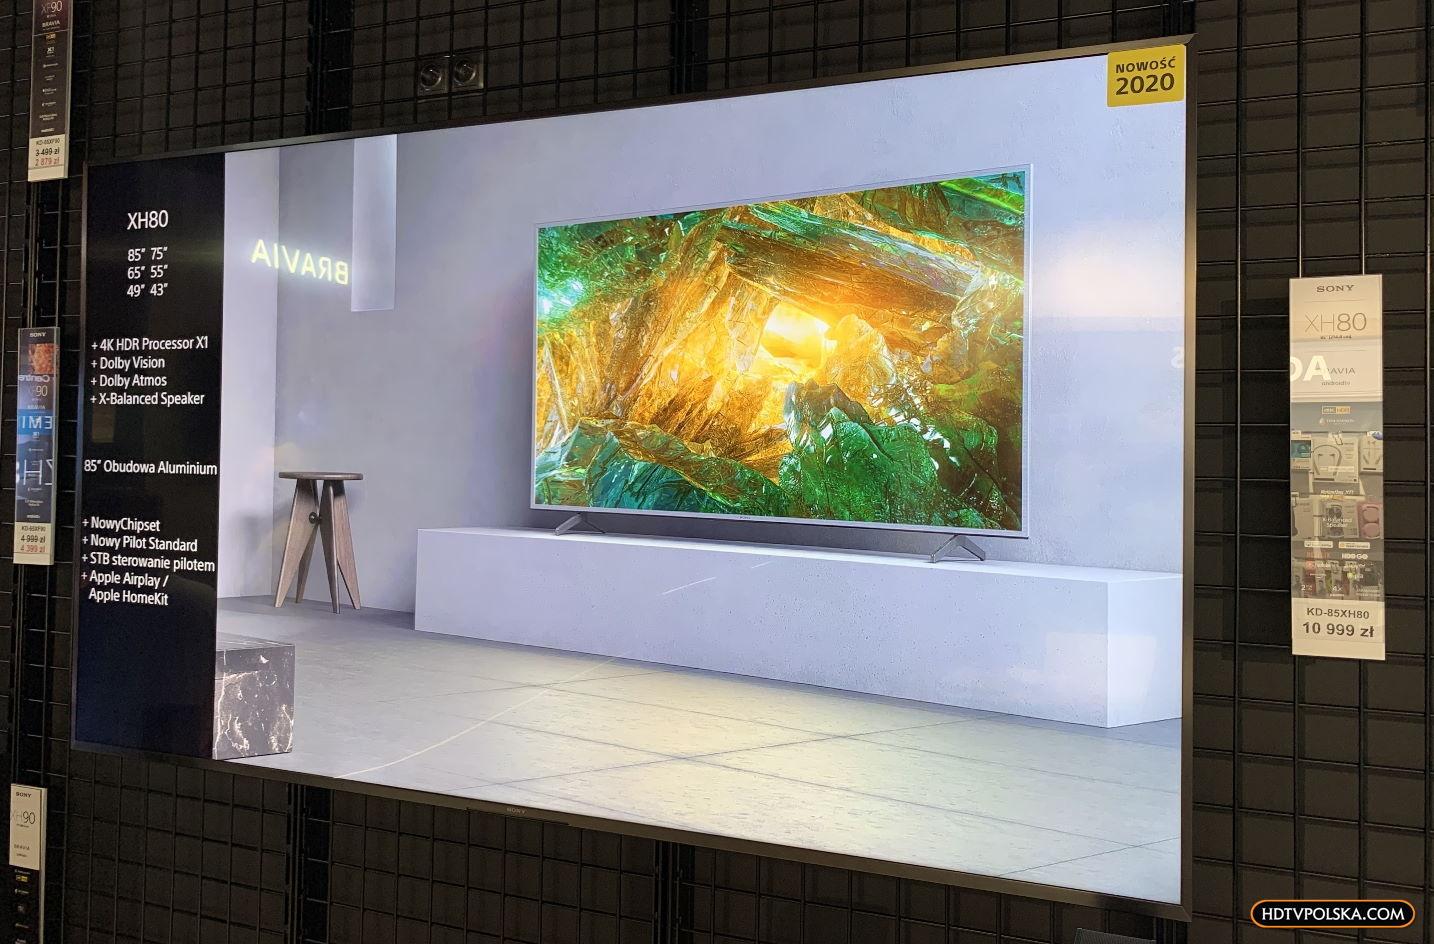 Sony Centre Klif promocja otwarcie 4